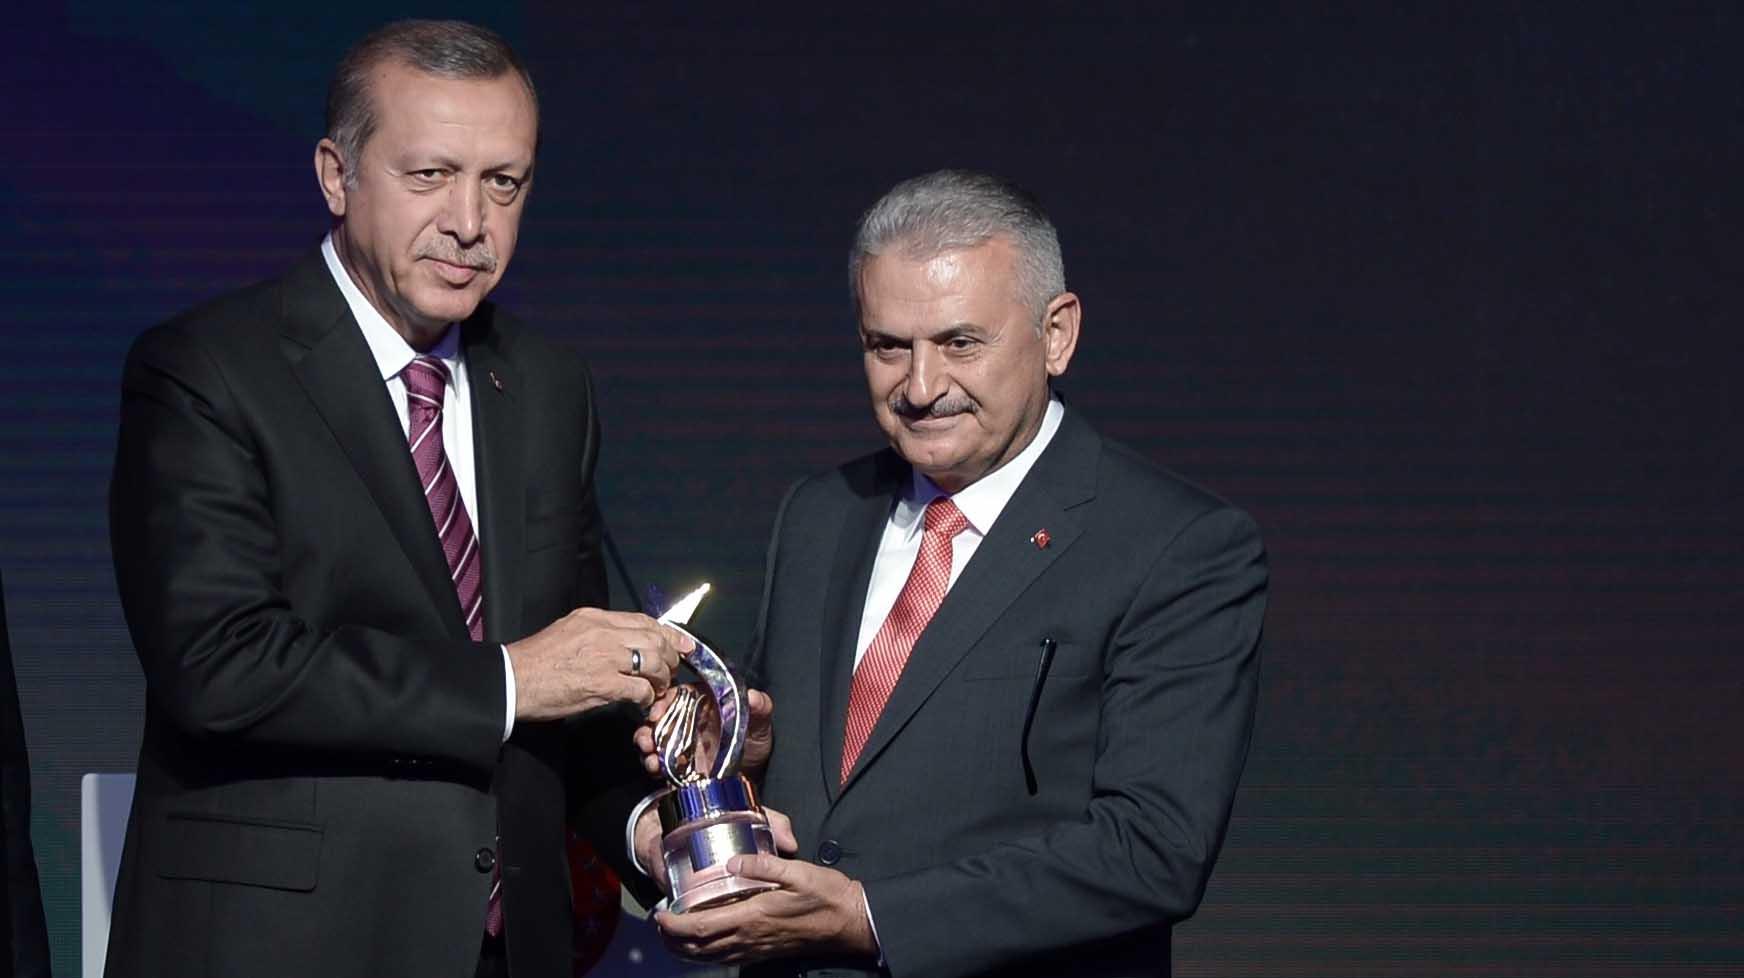 Erdoğan zaman kaybetmiyor: Hemen o akşam, o gece görevlendireceğim